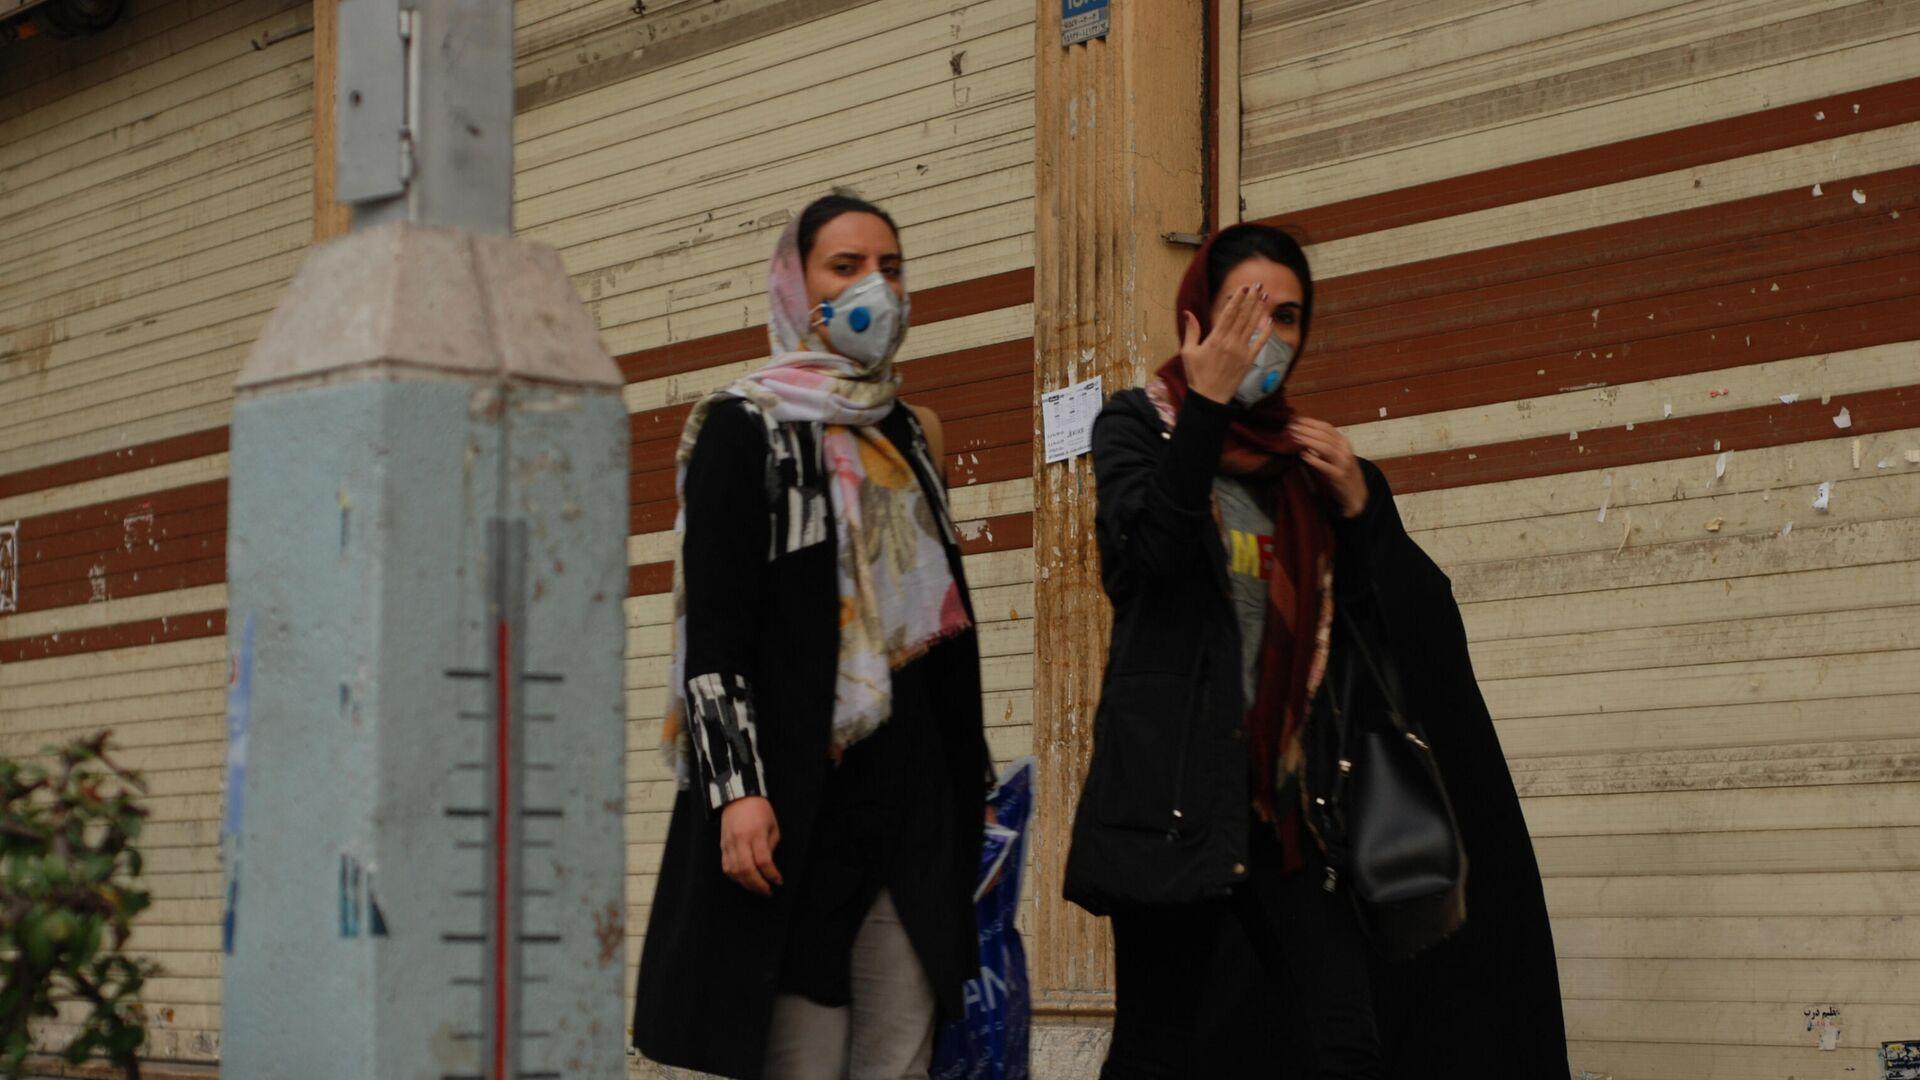 Люди в медицинских масках на улице столицы Ирана города Тегеран - РИА Новости, 1920, 26.09.2020